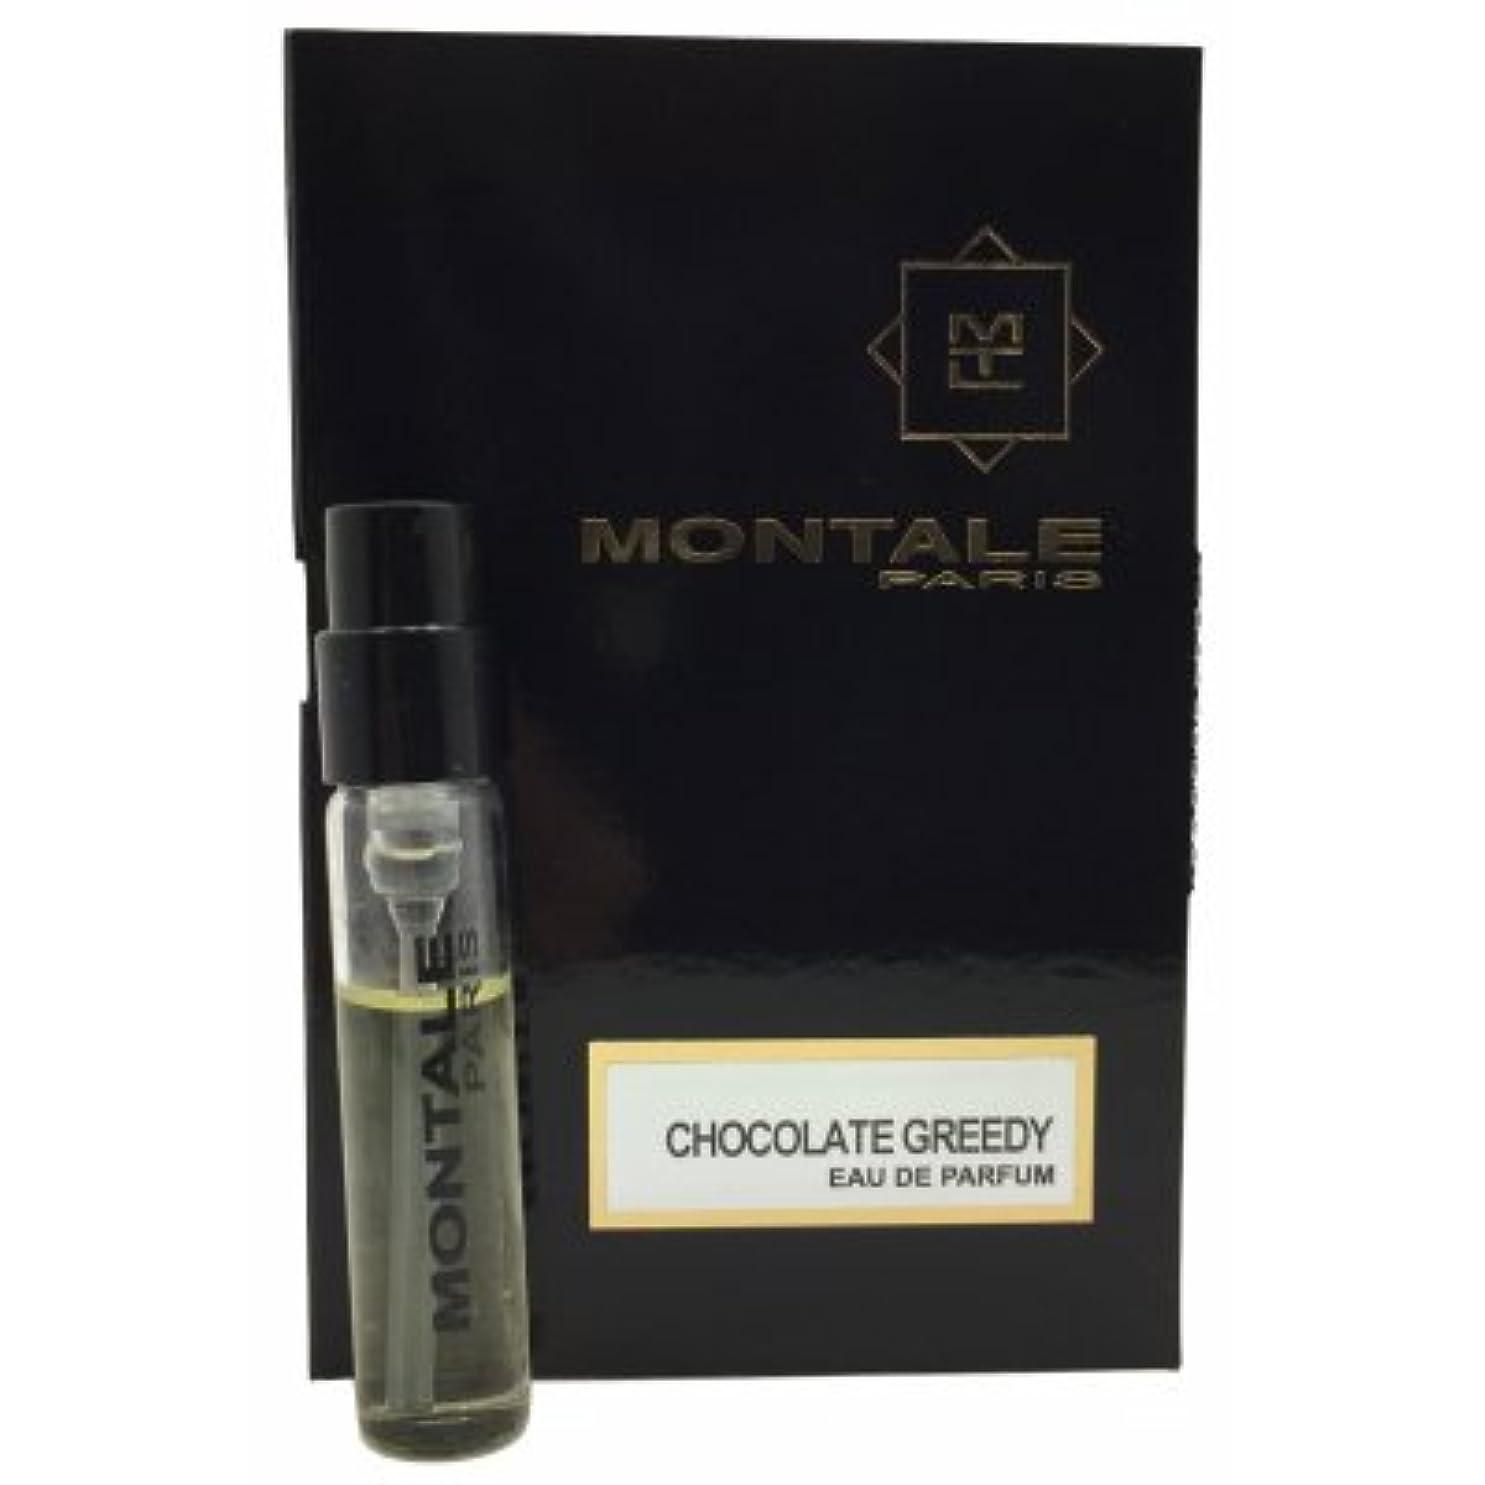 光電内訳保険Montale Chocolate Greedy EDP Vial Sample 2ml(モンタル チョコレート グリーディー オードパルファン 2ml)[海外直送品] [並行輸入品]